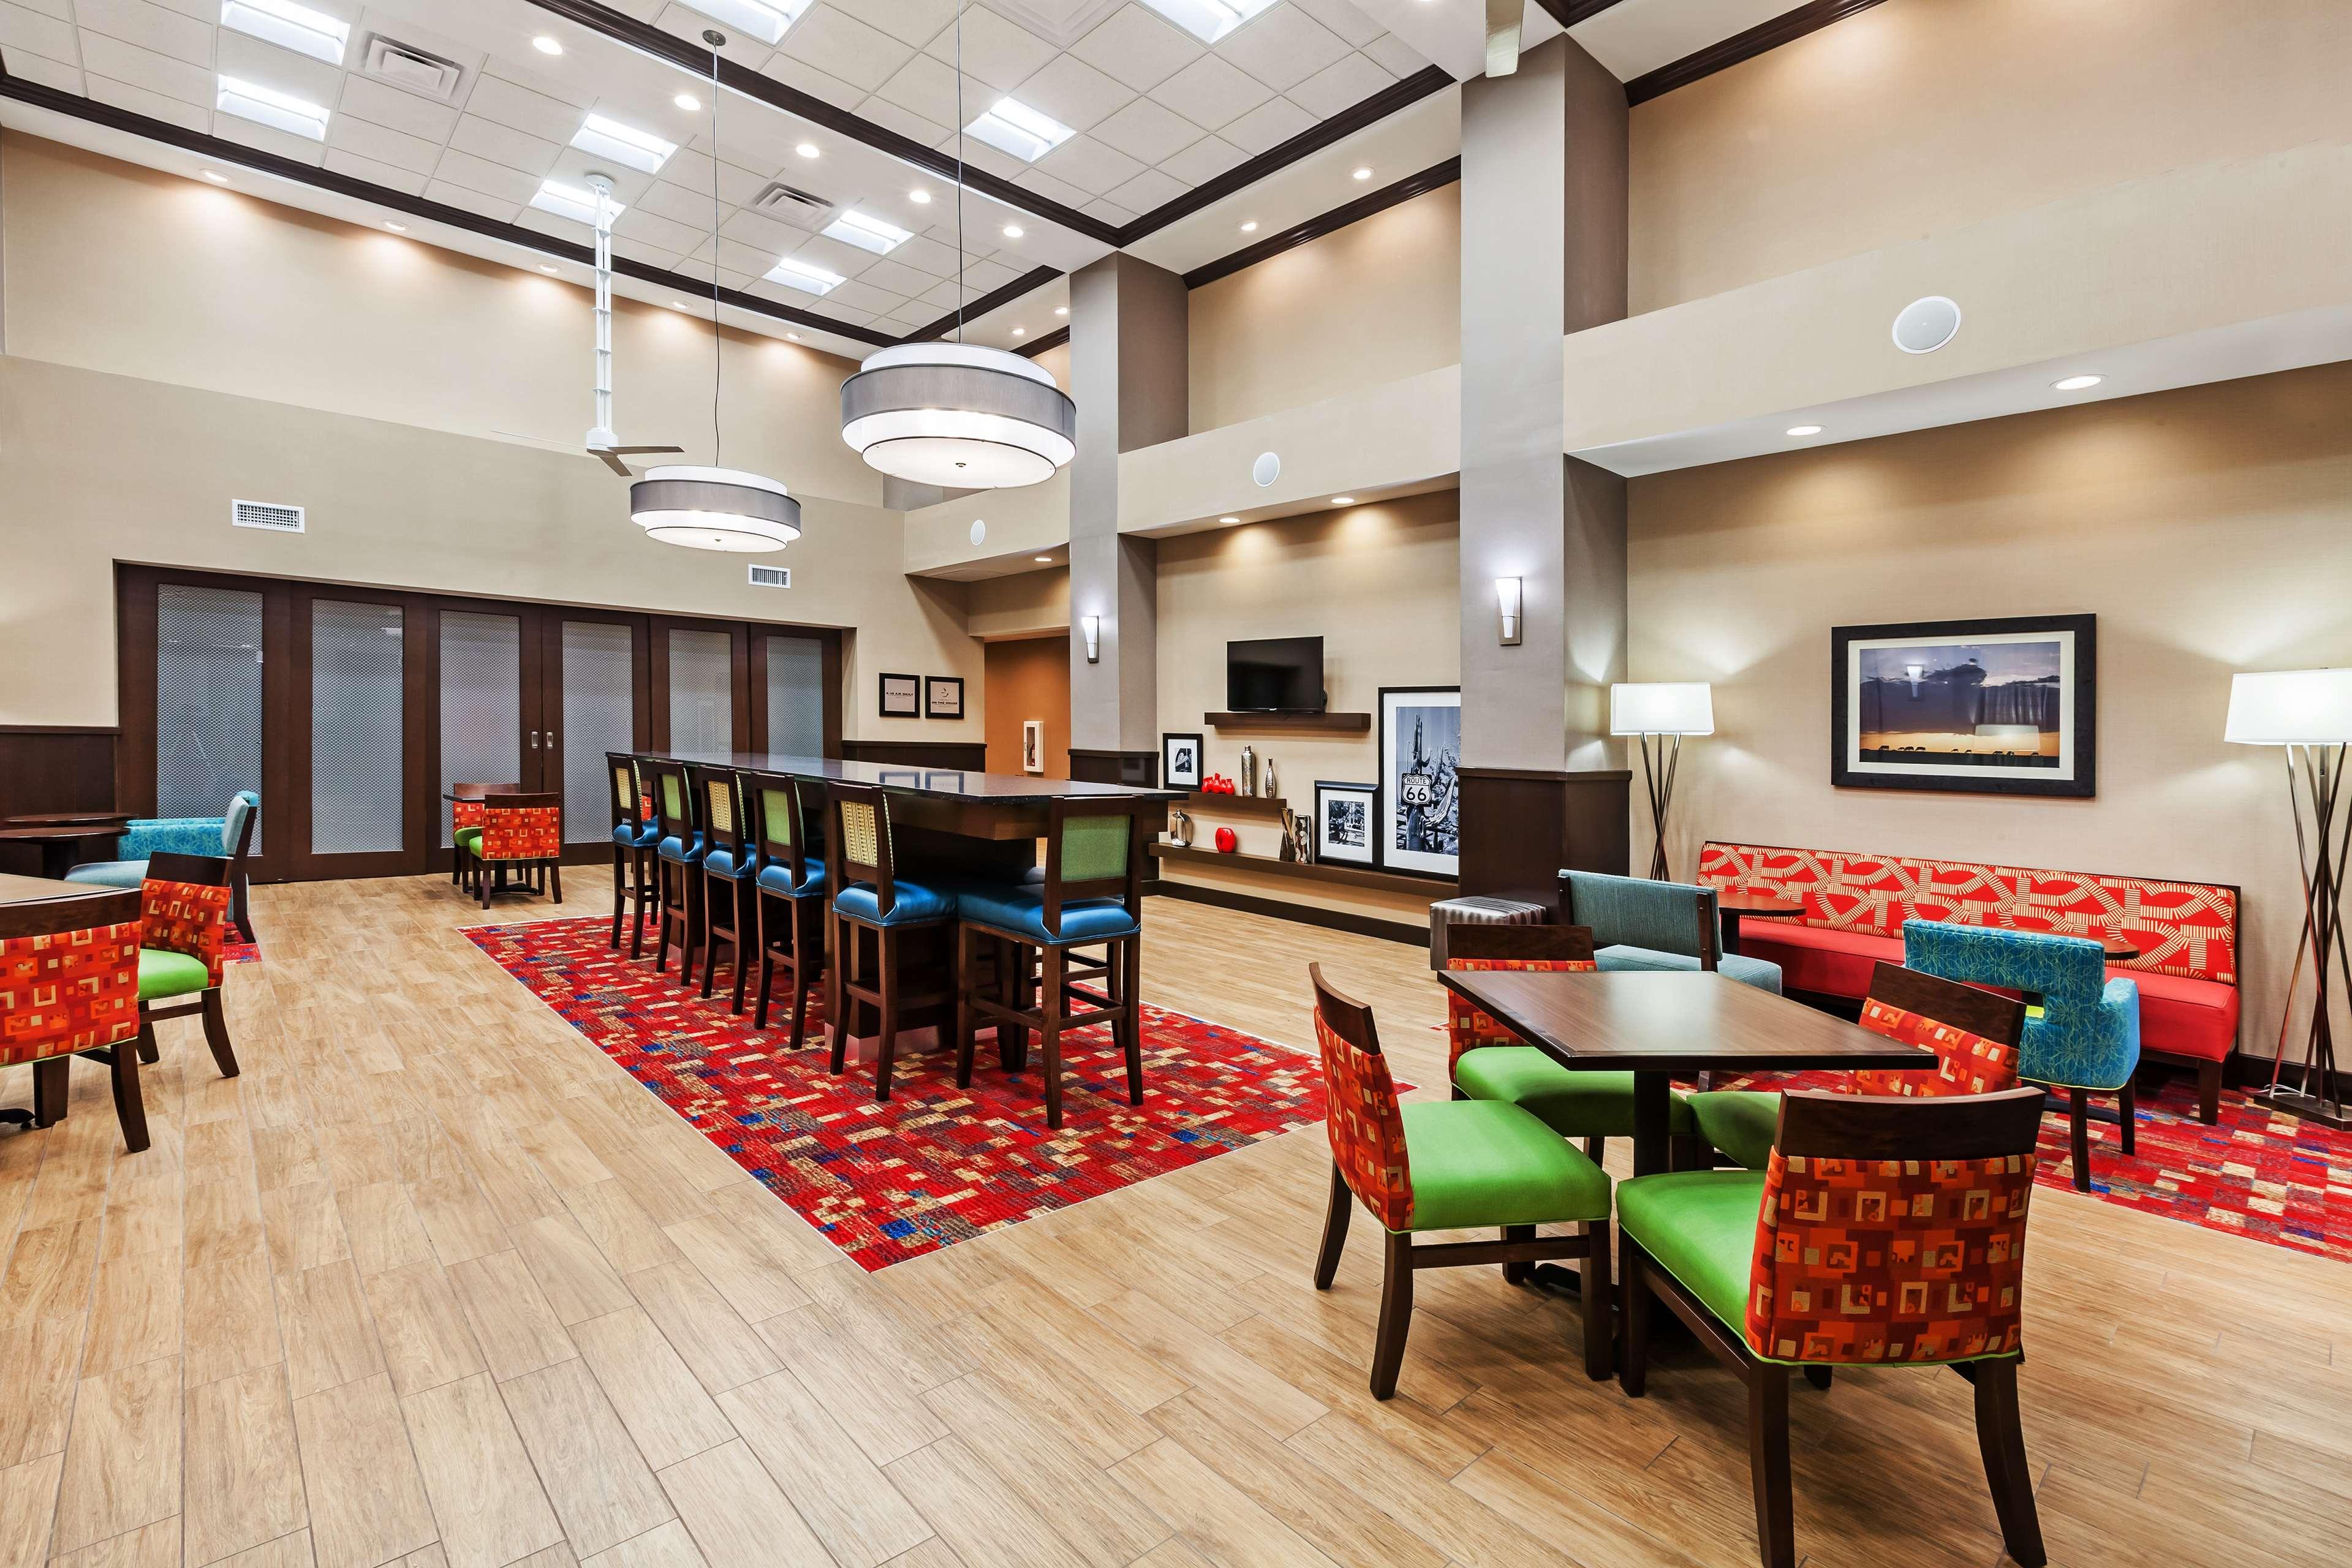 Hampton Inn & Suites Claremore image 5